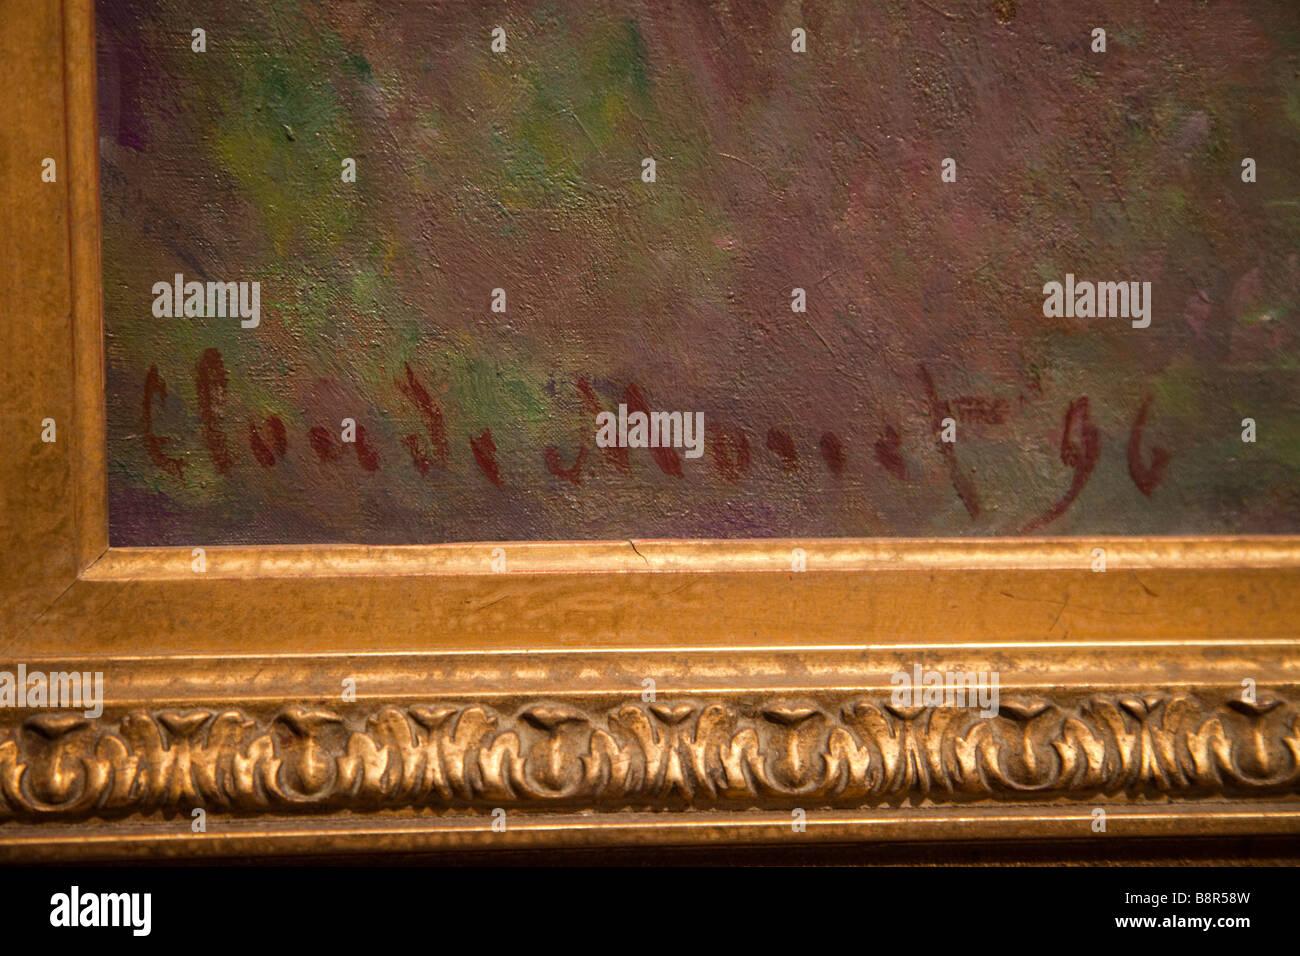 la signature de claude monet sur l 39 une de ses peintures banque d 39 images photo stock 22636681. Black Bedroom Furniture Sets. Home Design Ideas